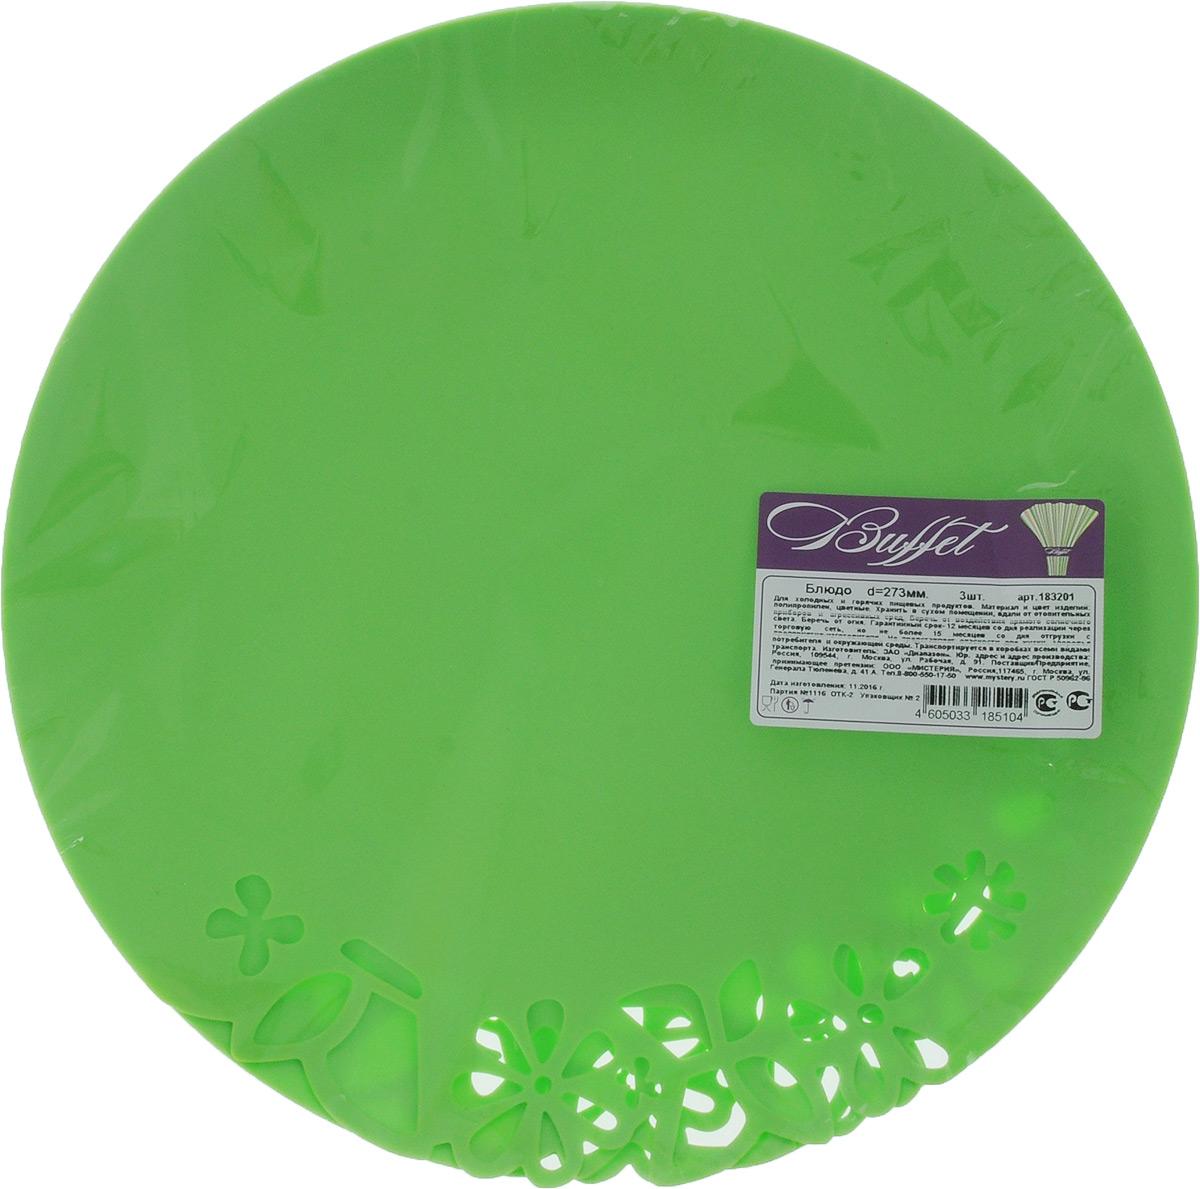 Набор тарелок Buffet, цвет: зеленый, диаметр 27,3 см, 3 шт мистерия buffet красная